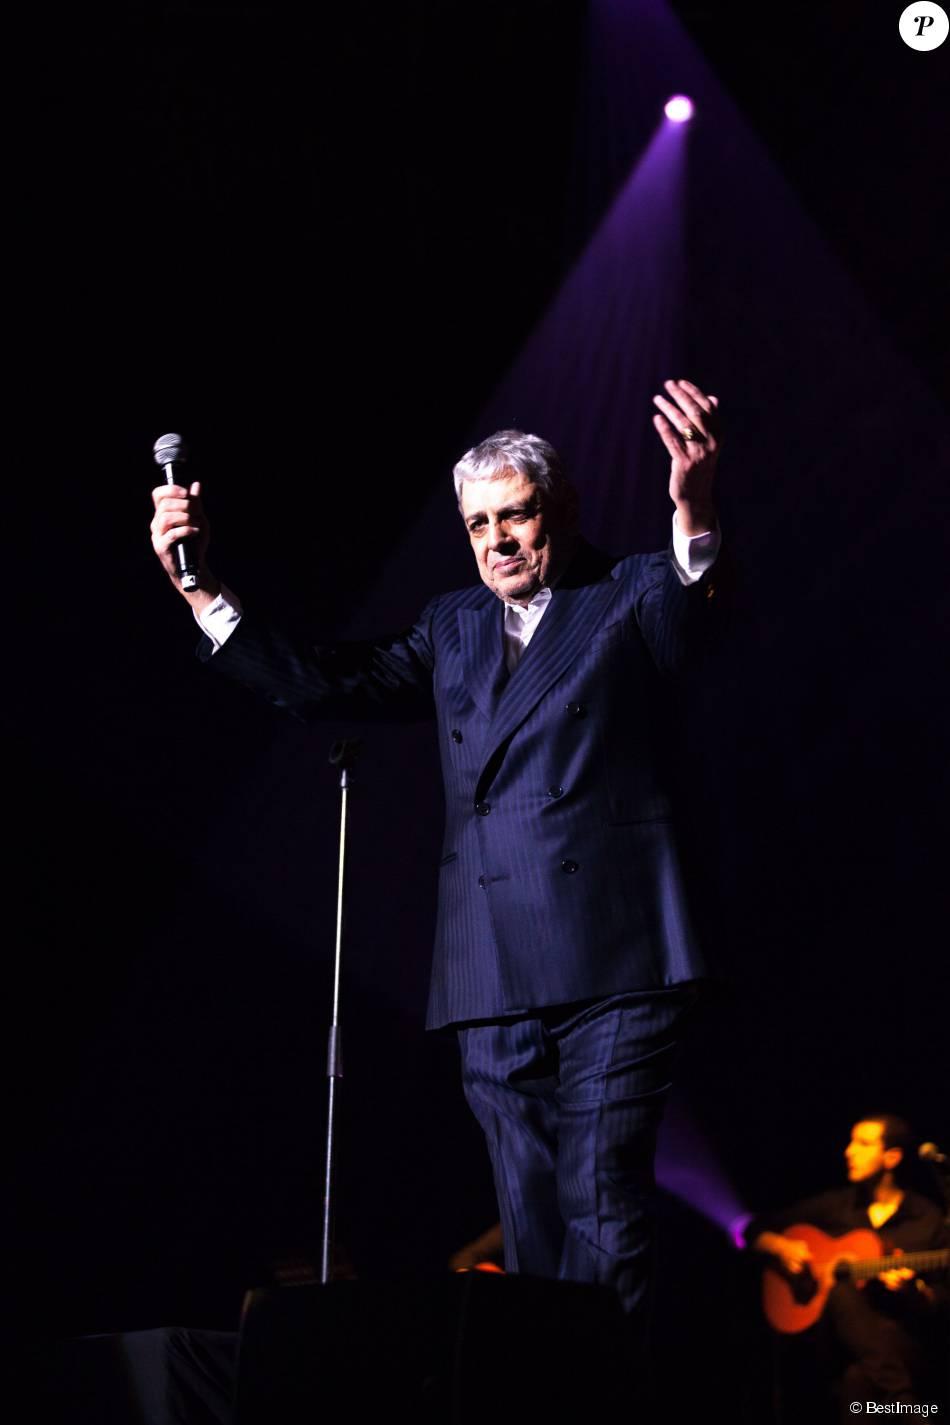 Enrico Macias en concert au Cannet, le 28 mars 2015